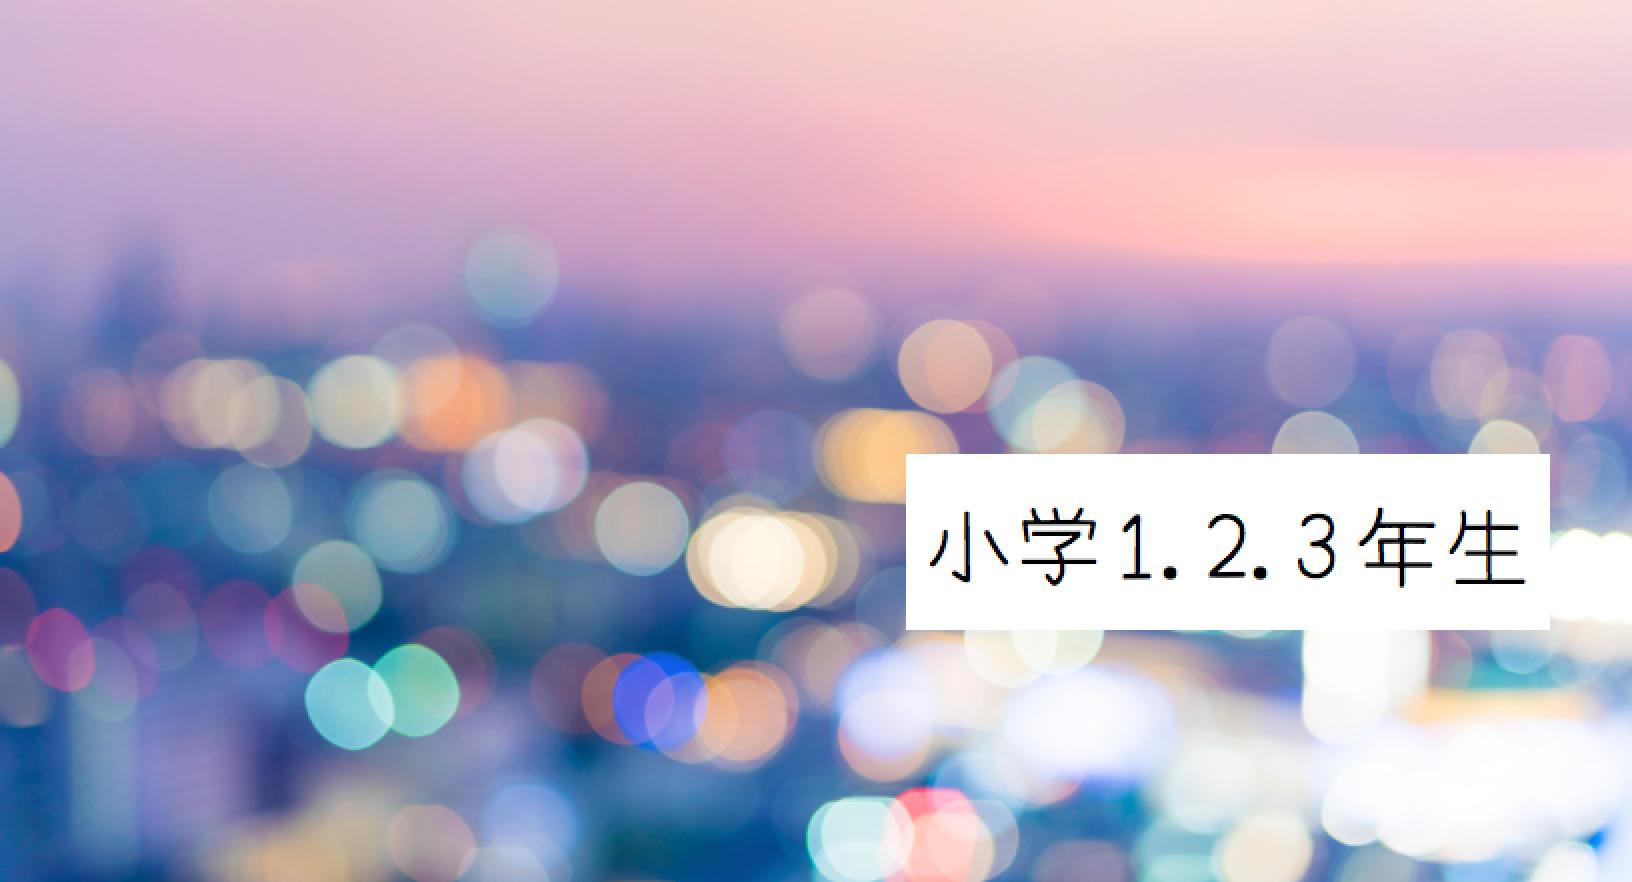 2018/5/24 1.2.3年生